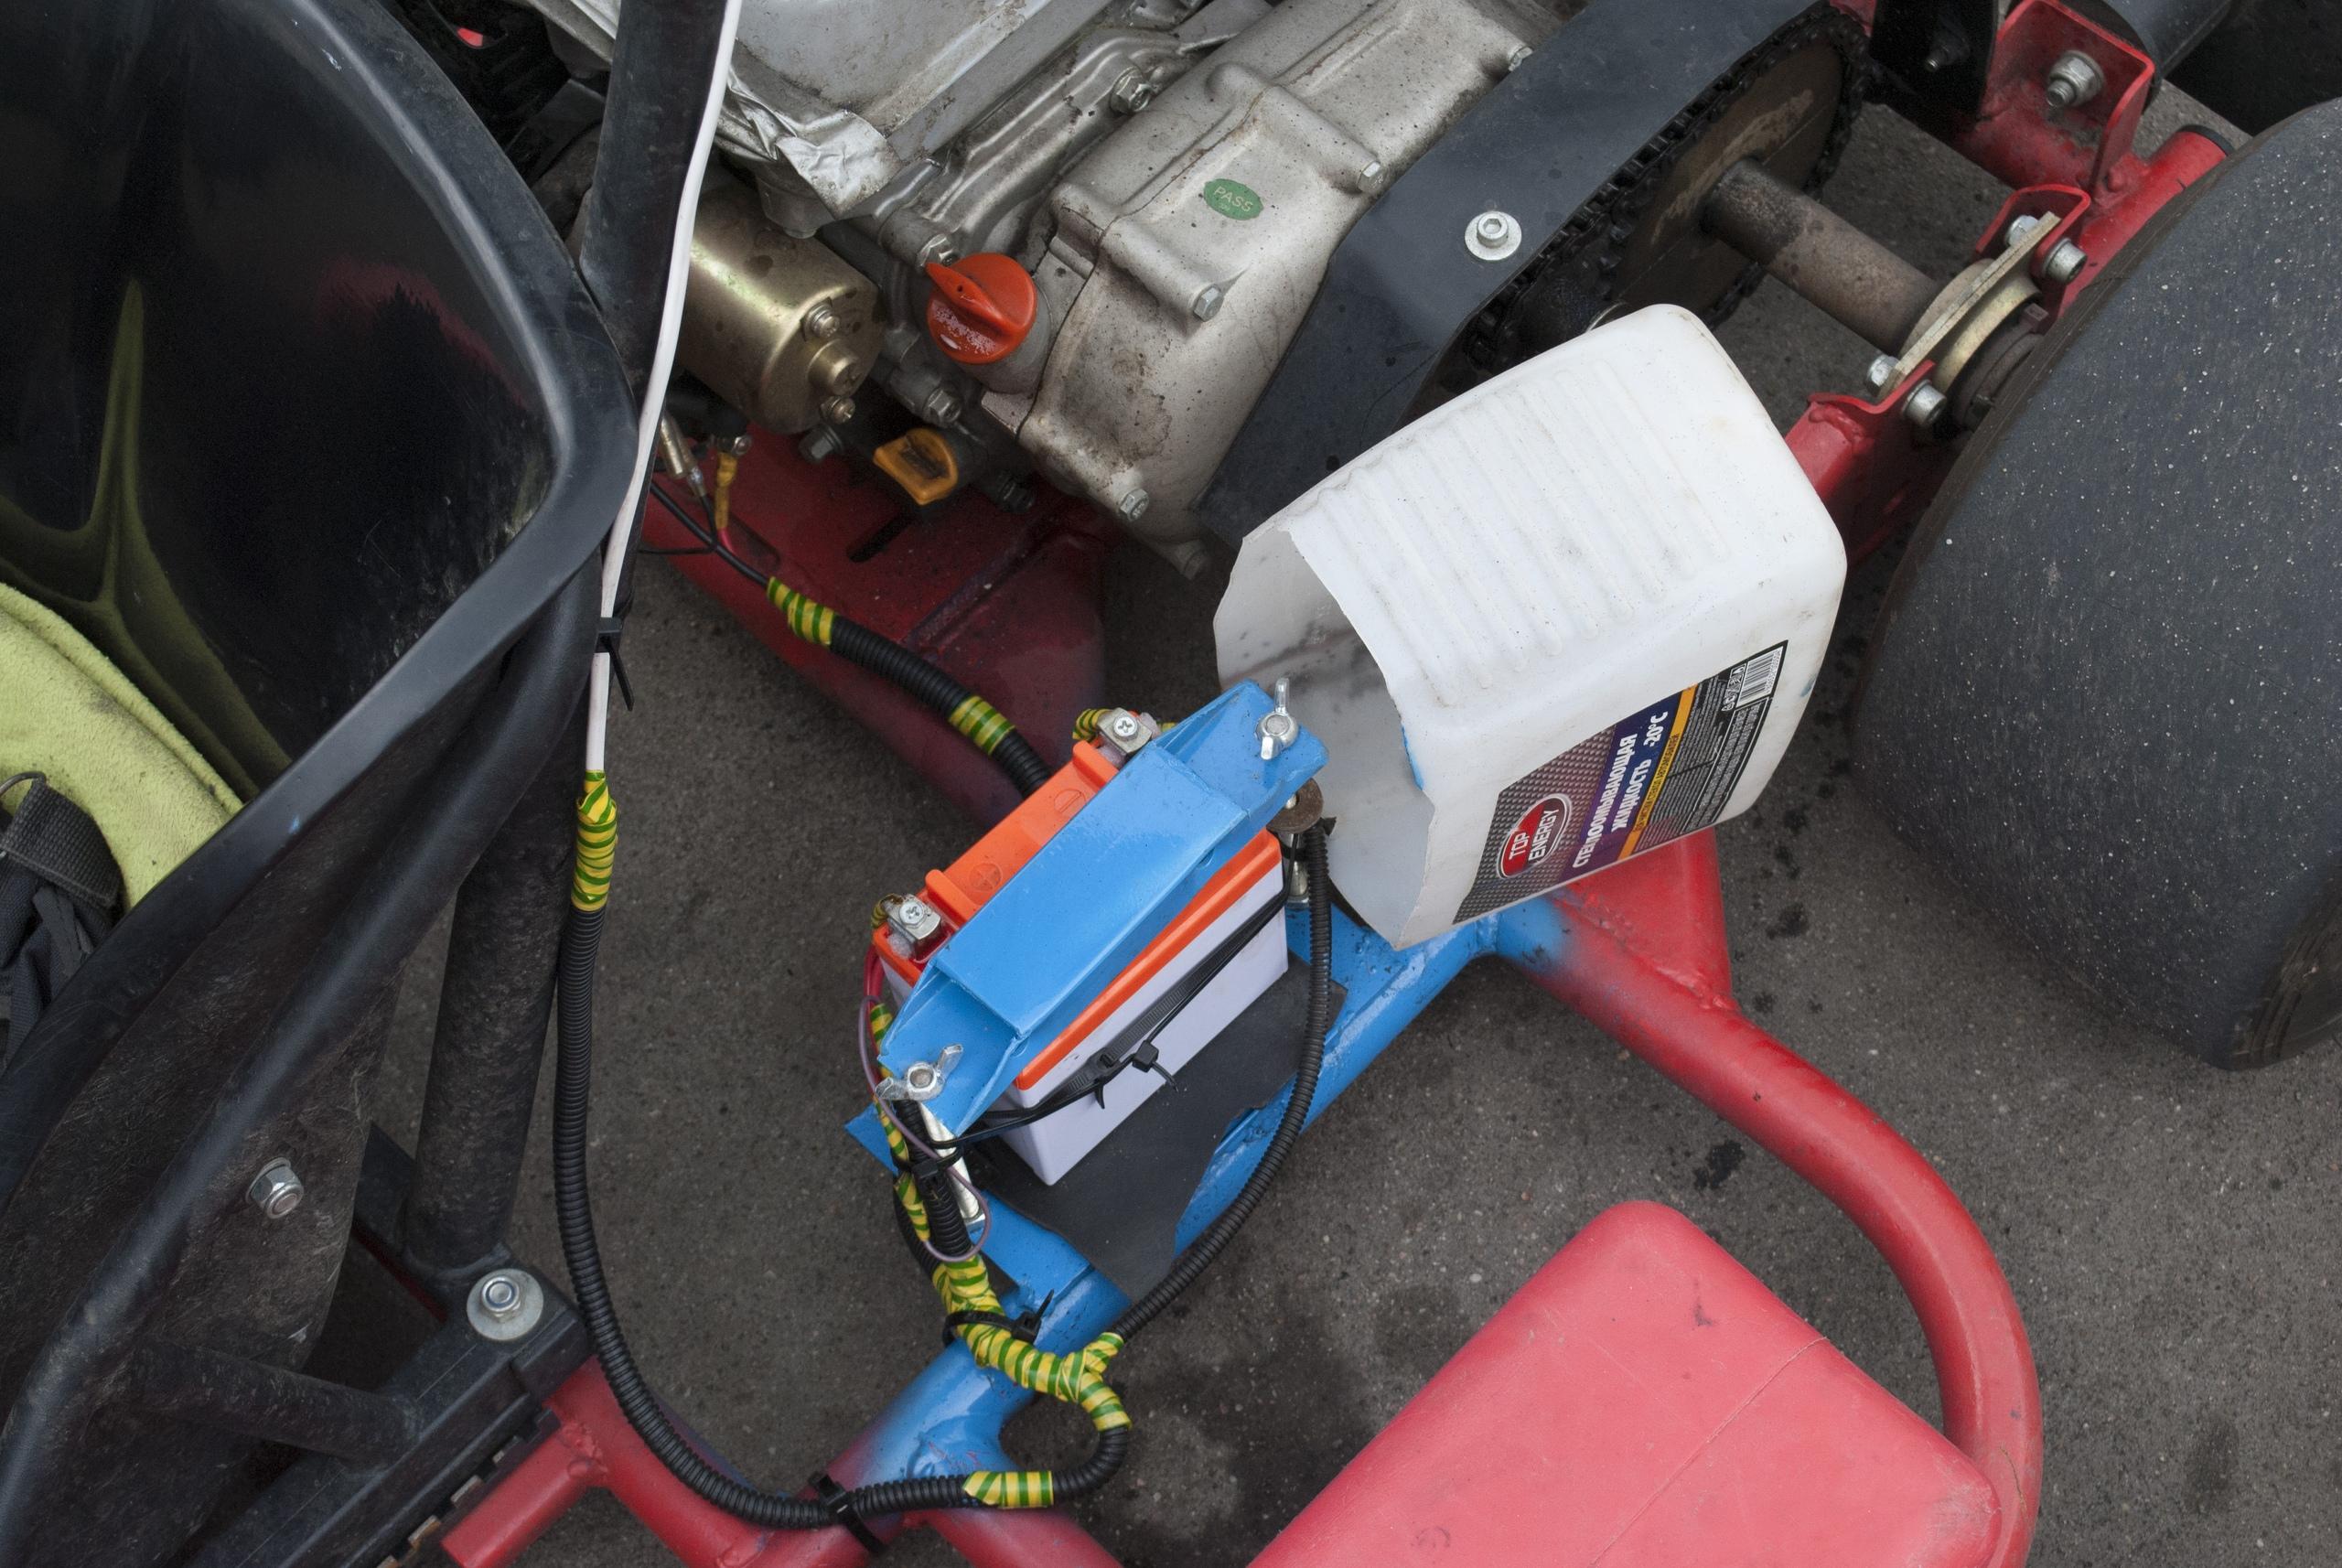 на фоне рамы и двигателя штурманской машины находится аккумулятор